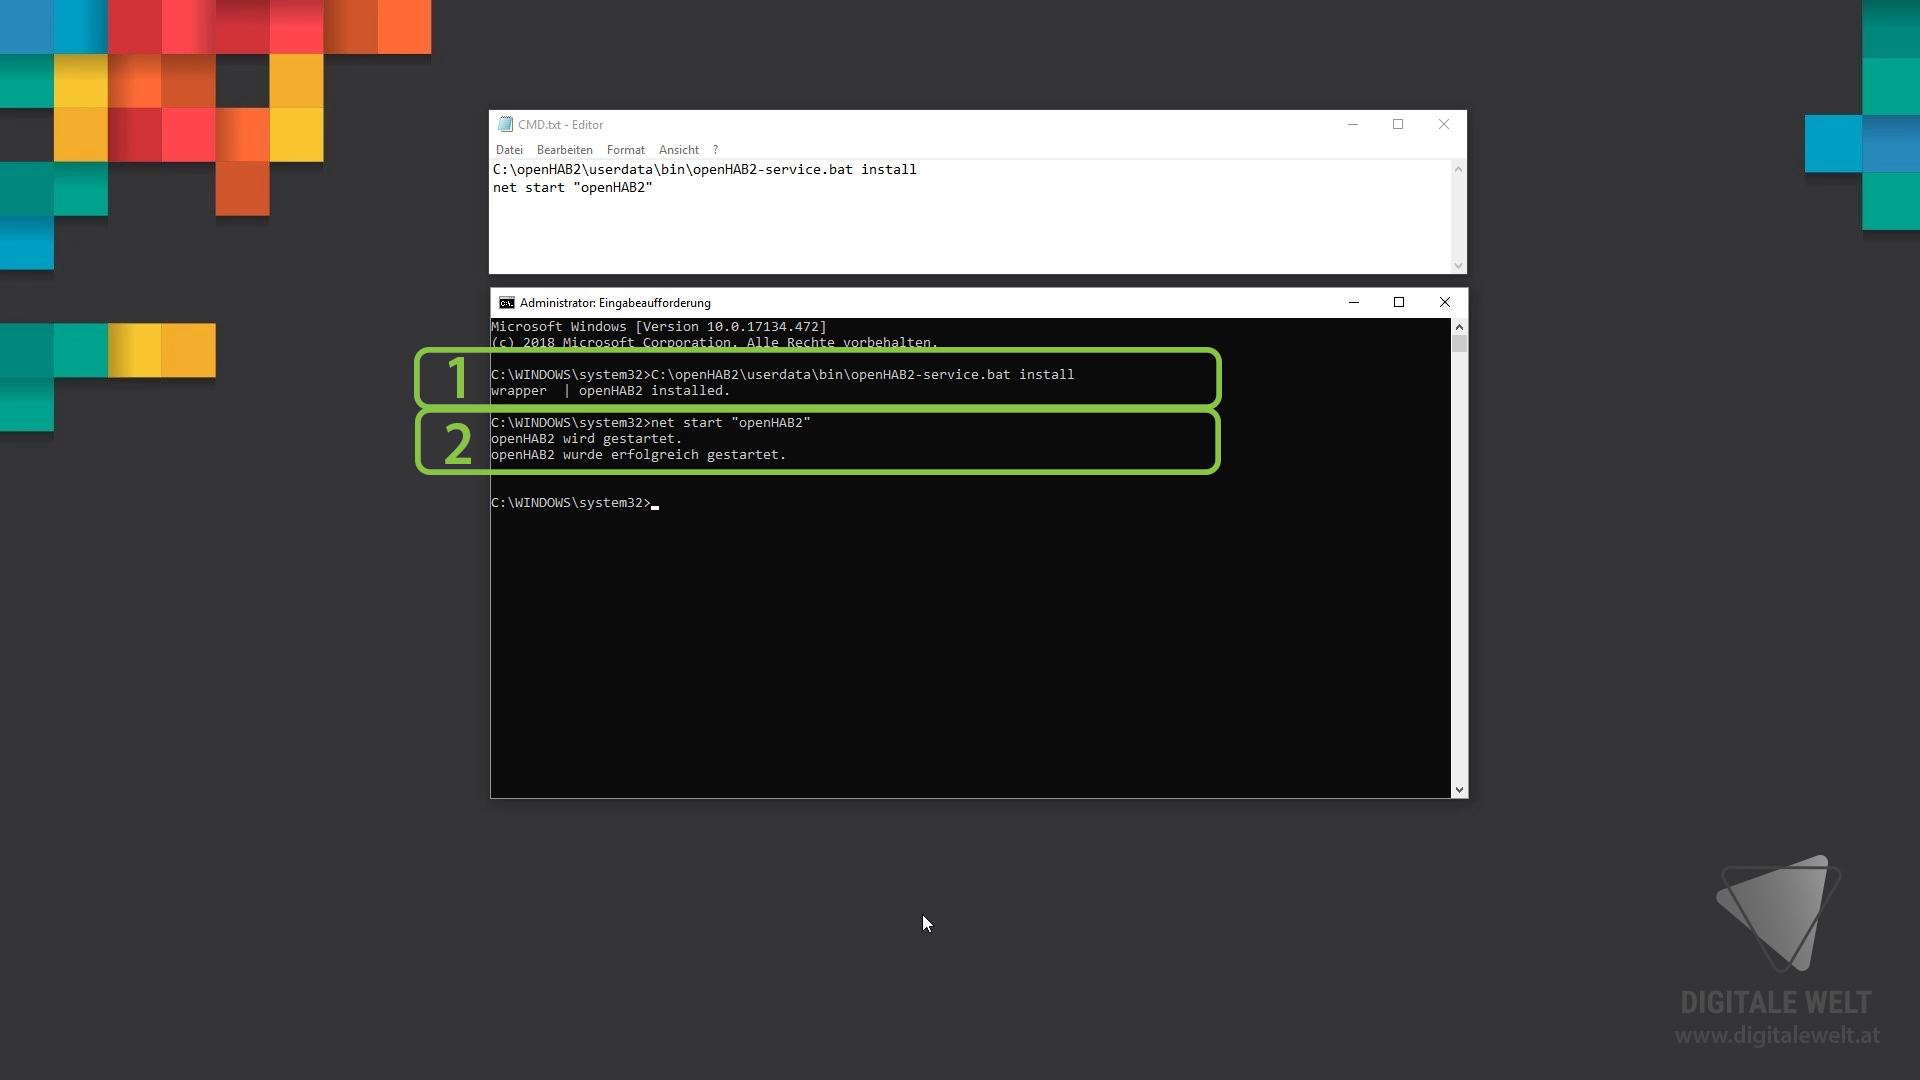 openHAB 2 Windows - CMD Befehle (DigitaleWelt)